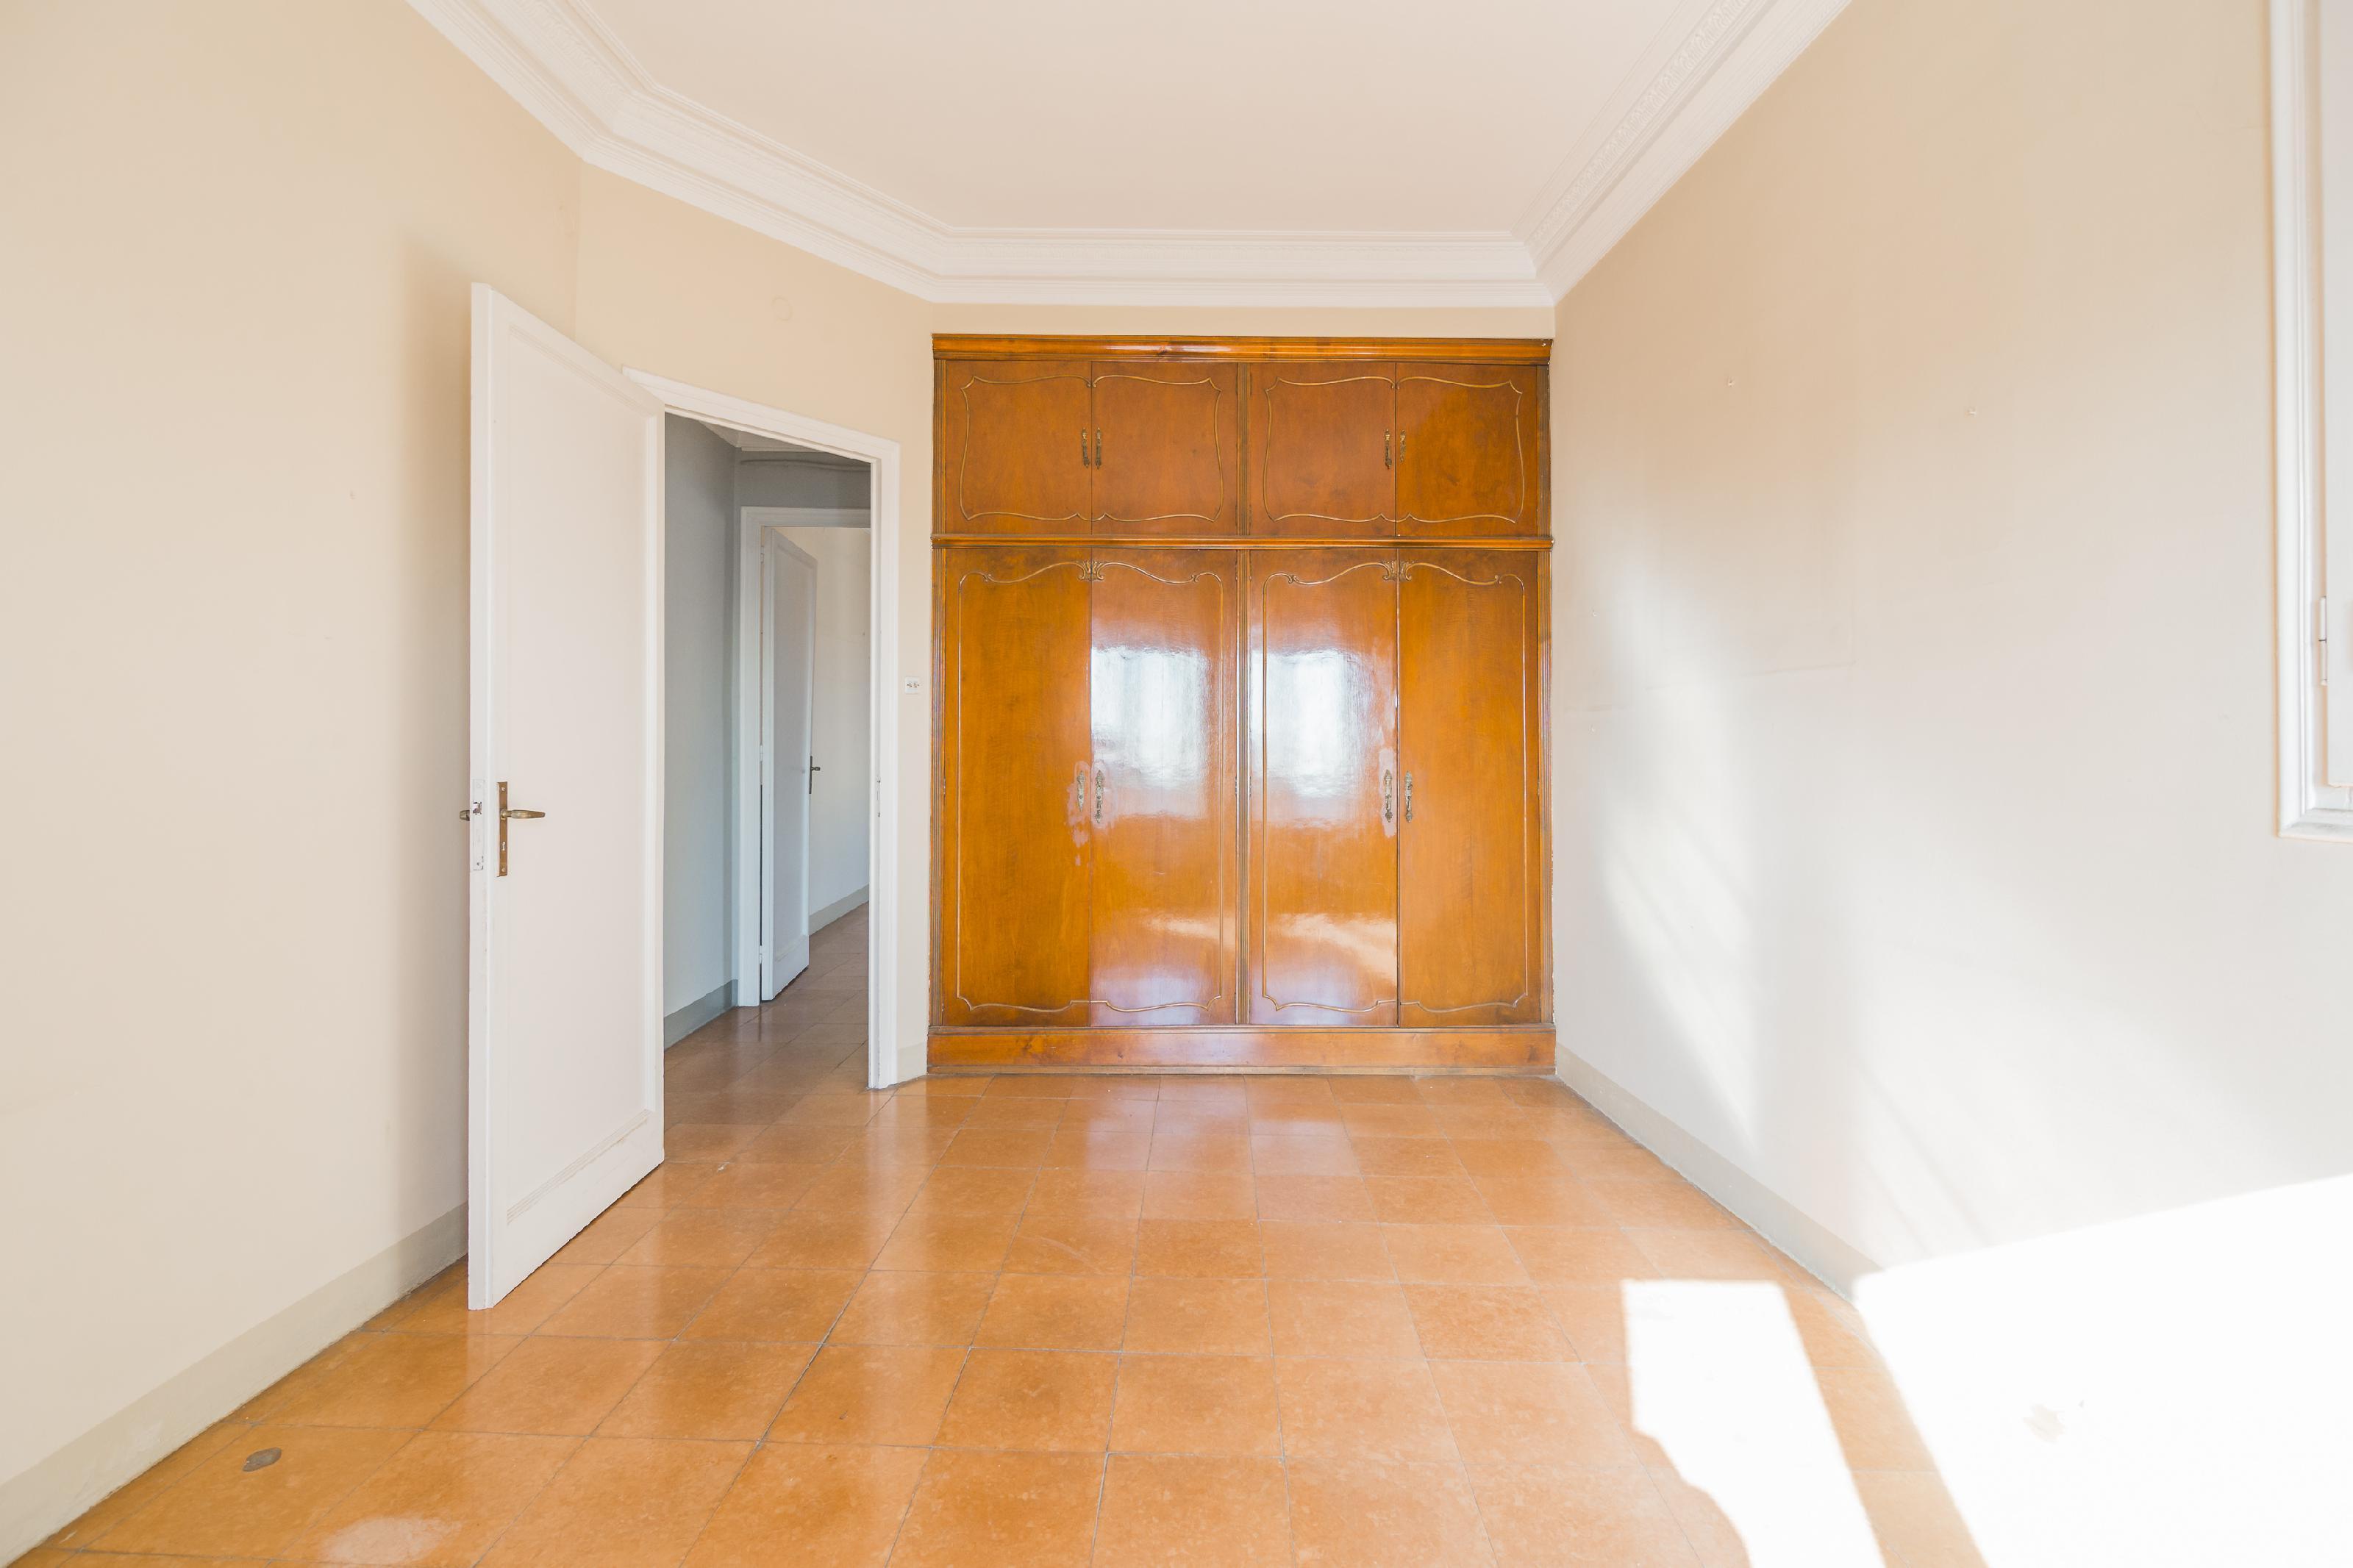 246643 Ático en venda en Sarrià-Sant Gervasi, St. Gervasi-Bonanova 35